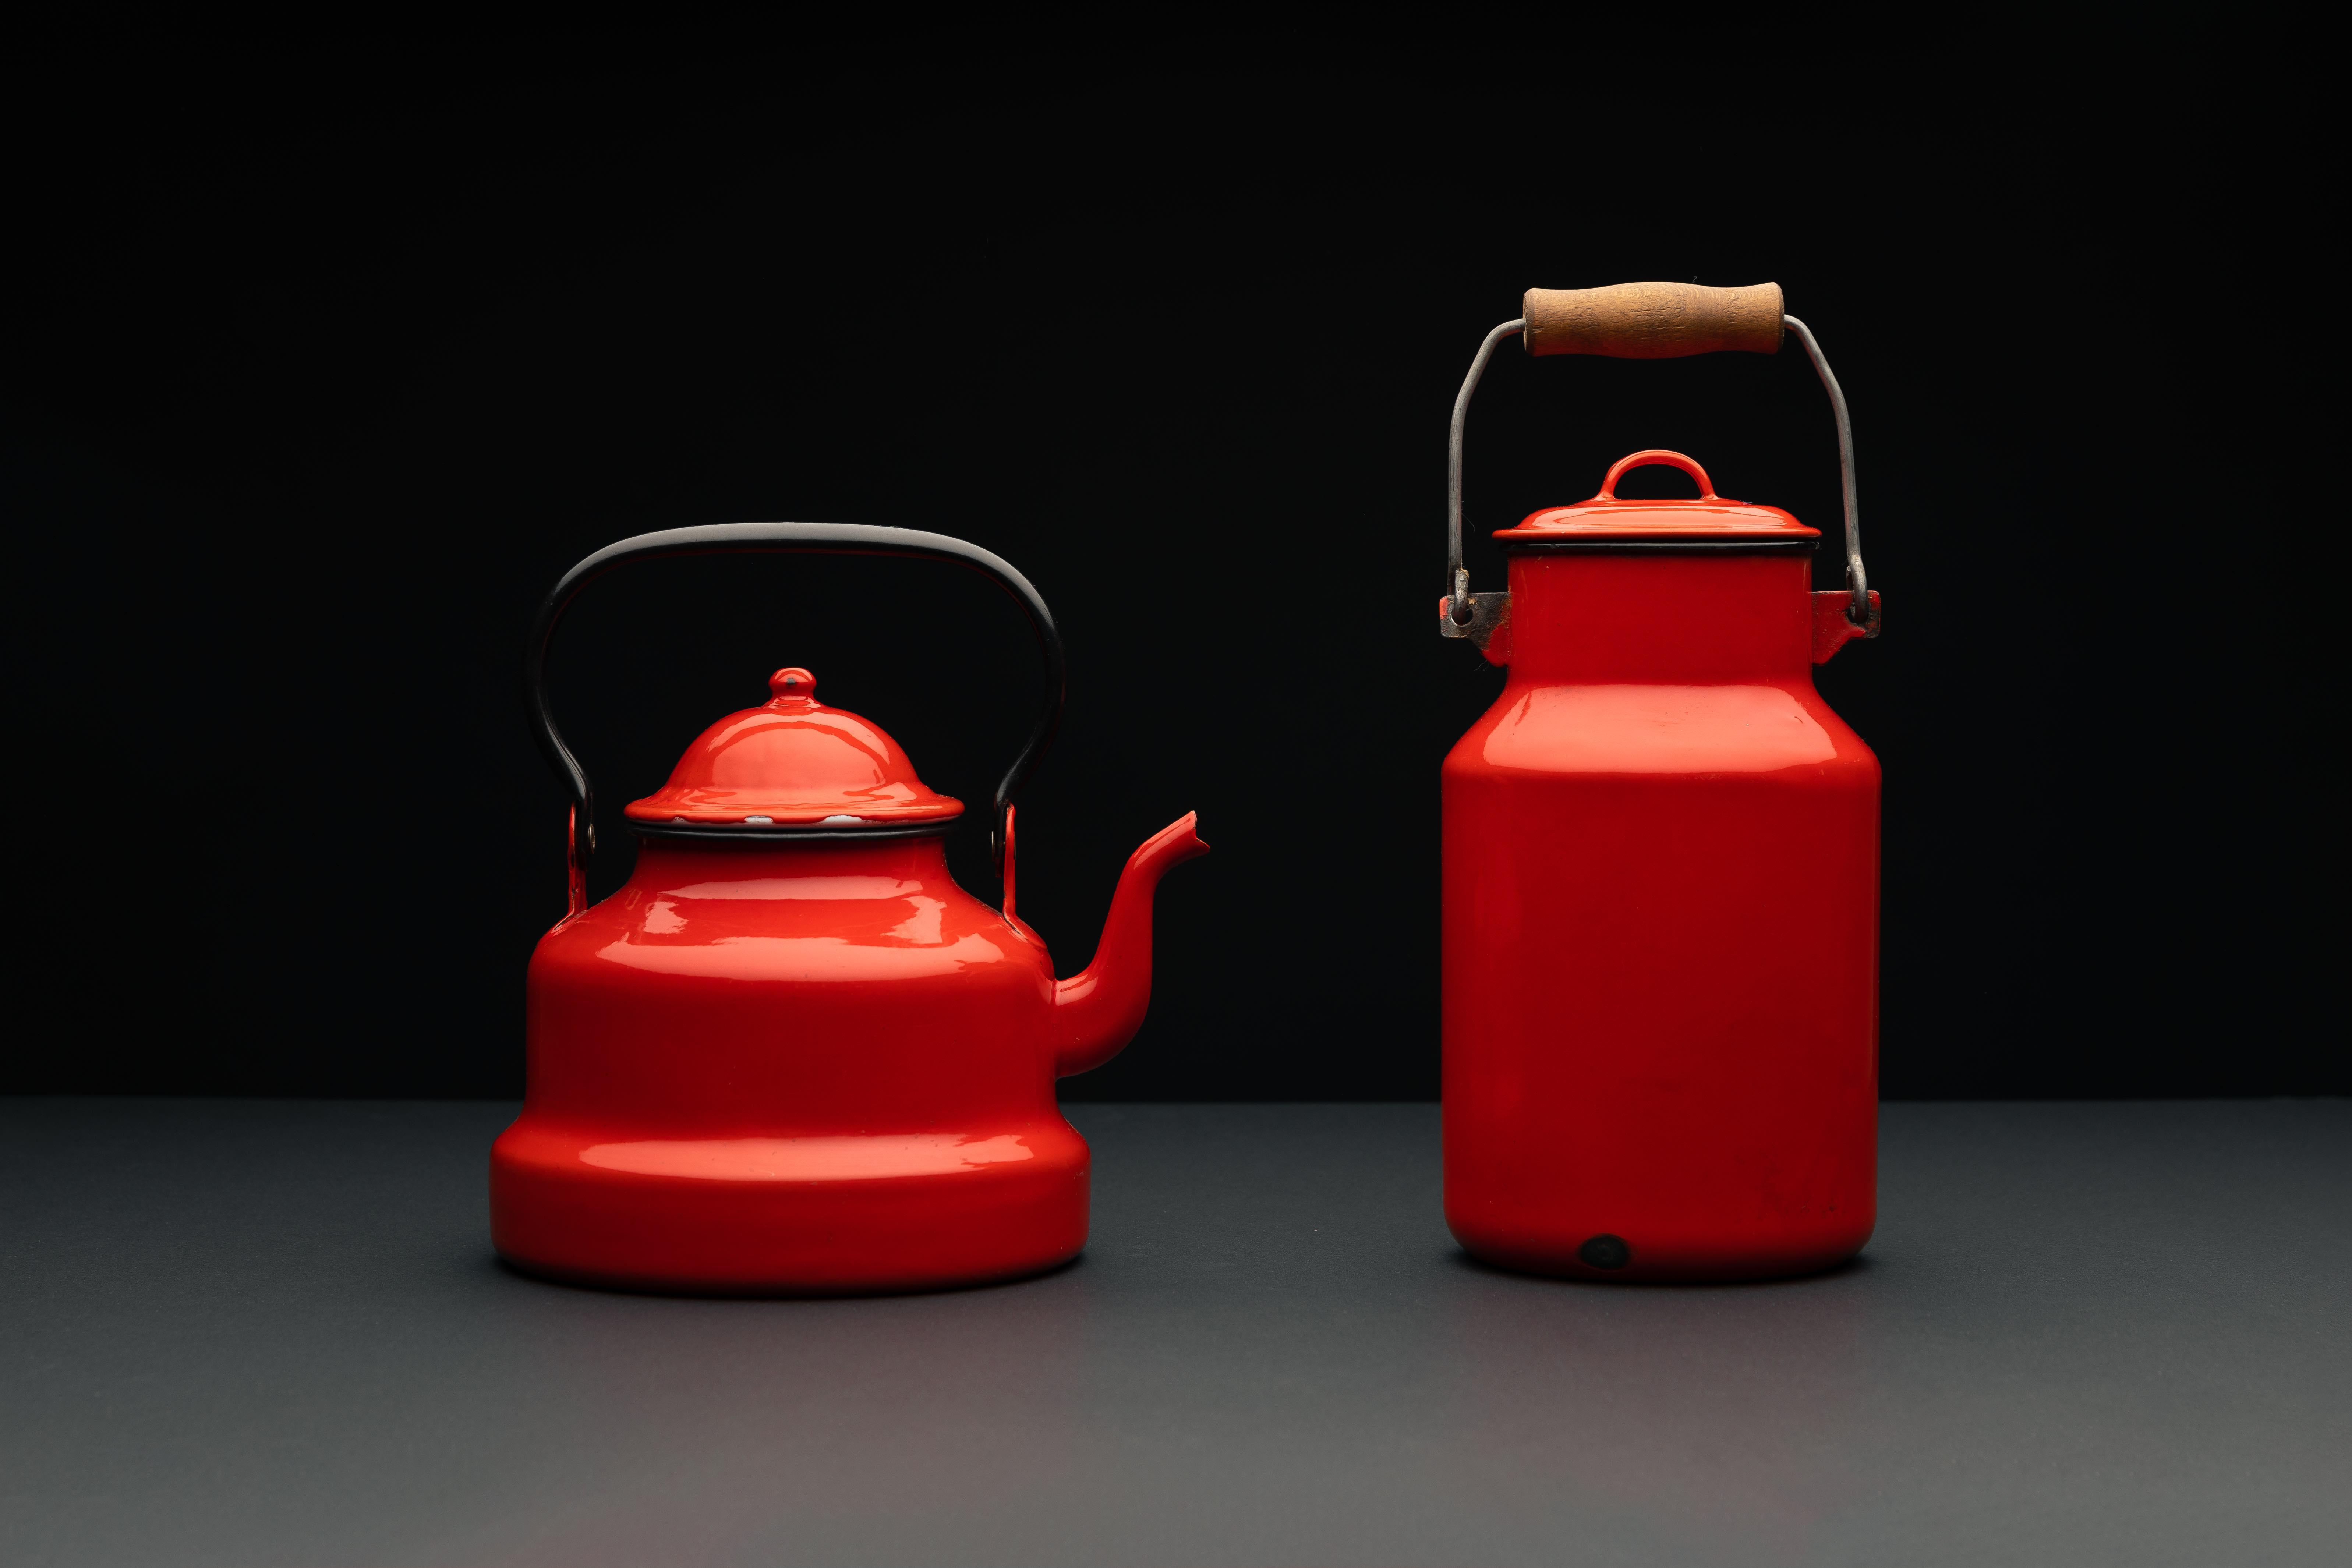 100 de obiecte de design românesc – o expoziție și un e-muzeu fără precedent